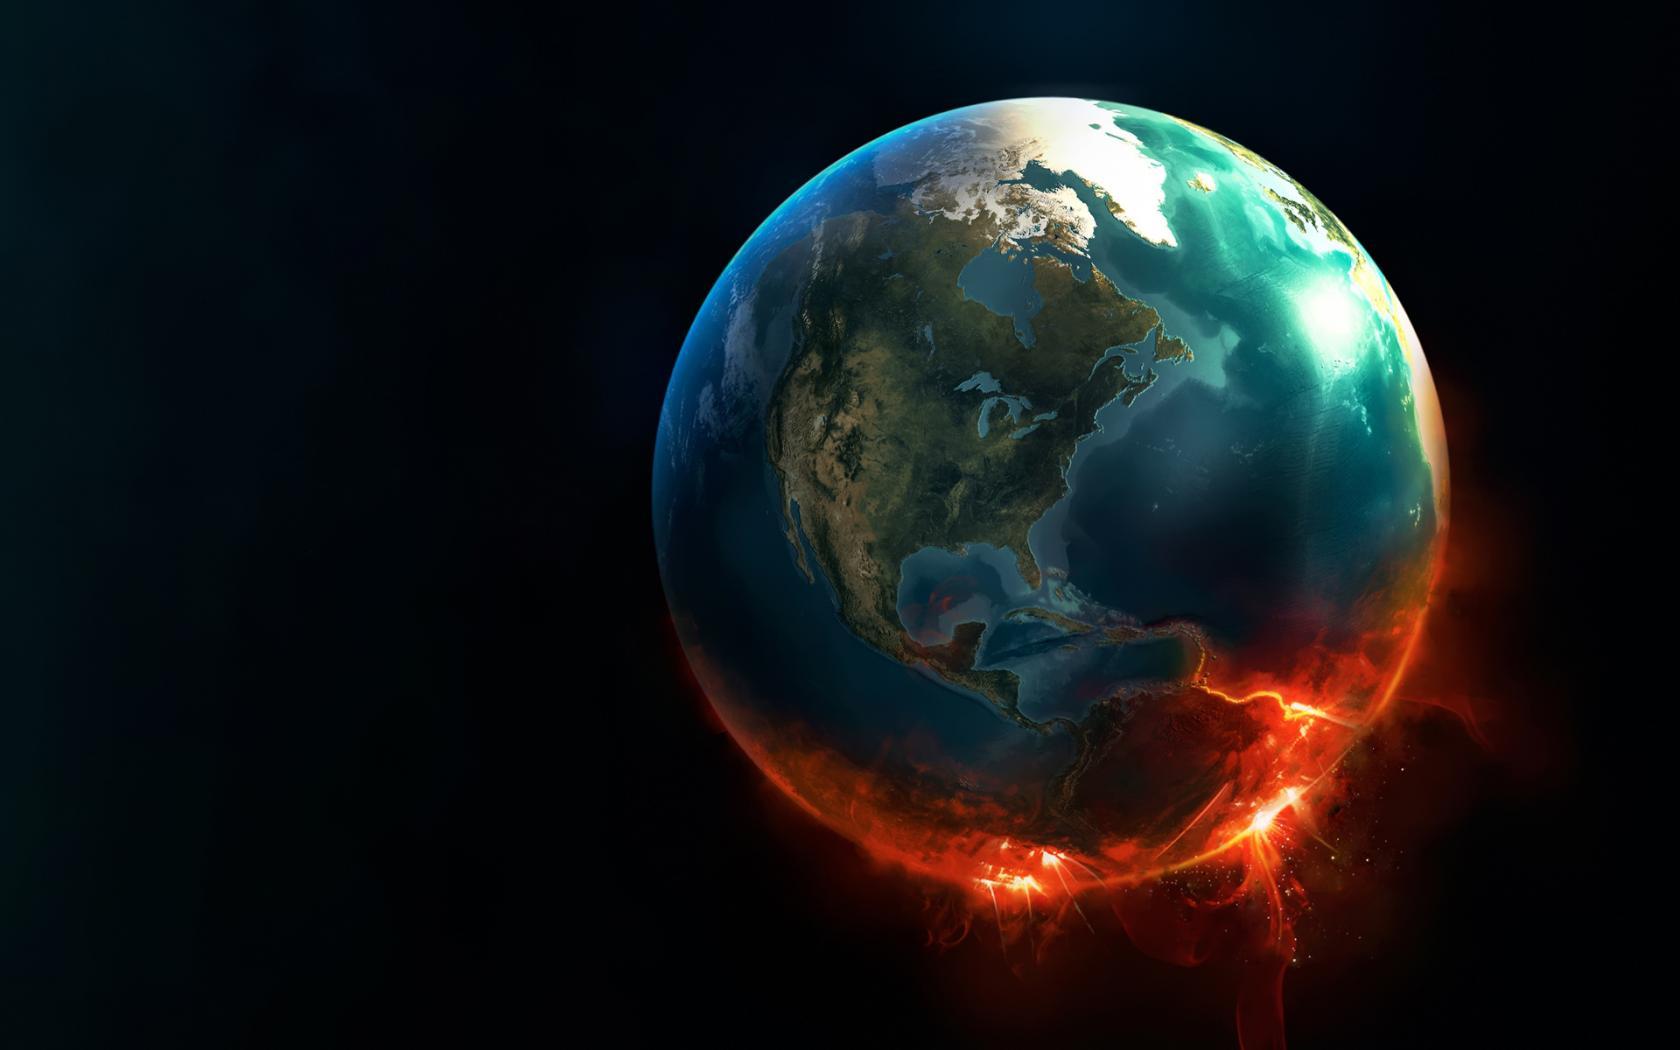 Горящая планета:катастрофа